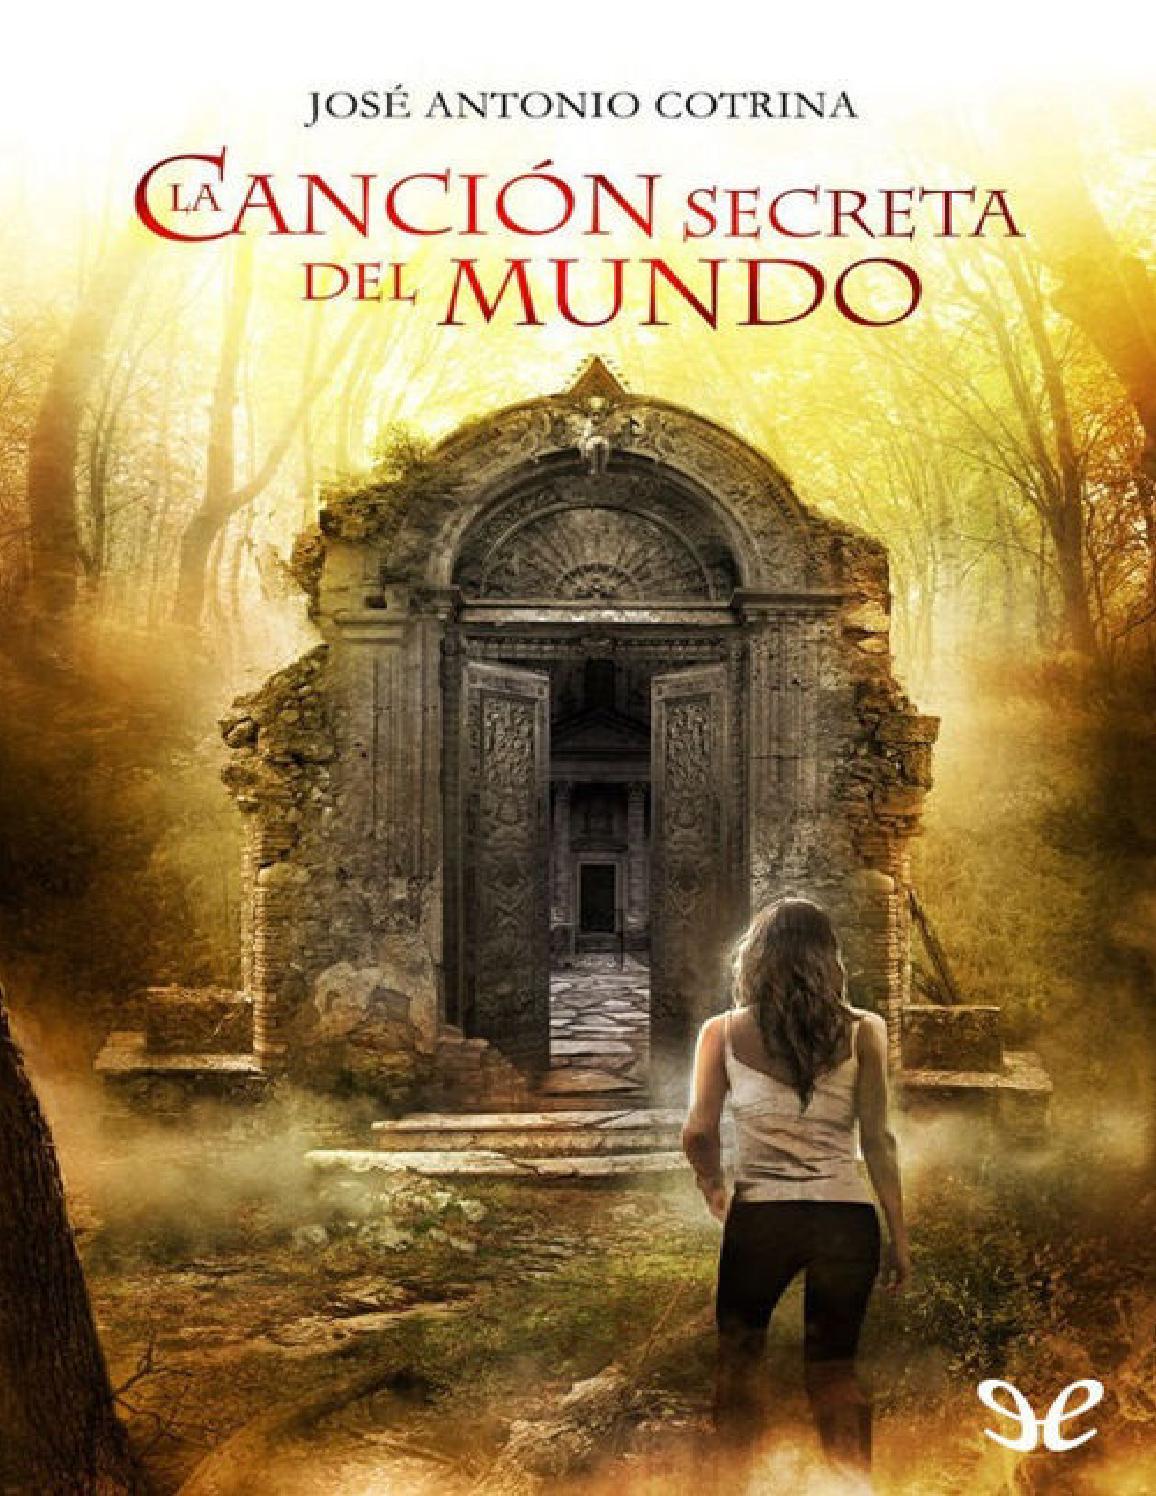 La cancion secreta del mundo-José Antonio Cotrina by AndreaAyuloAguirre -  issuu